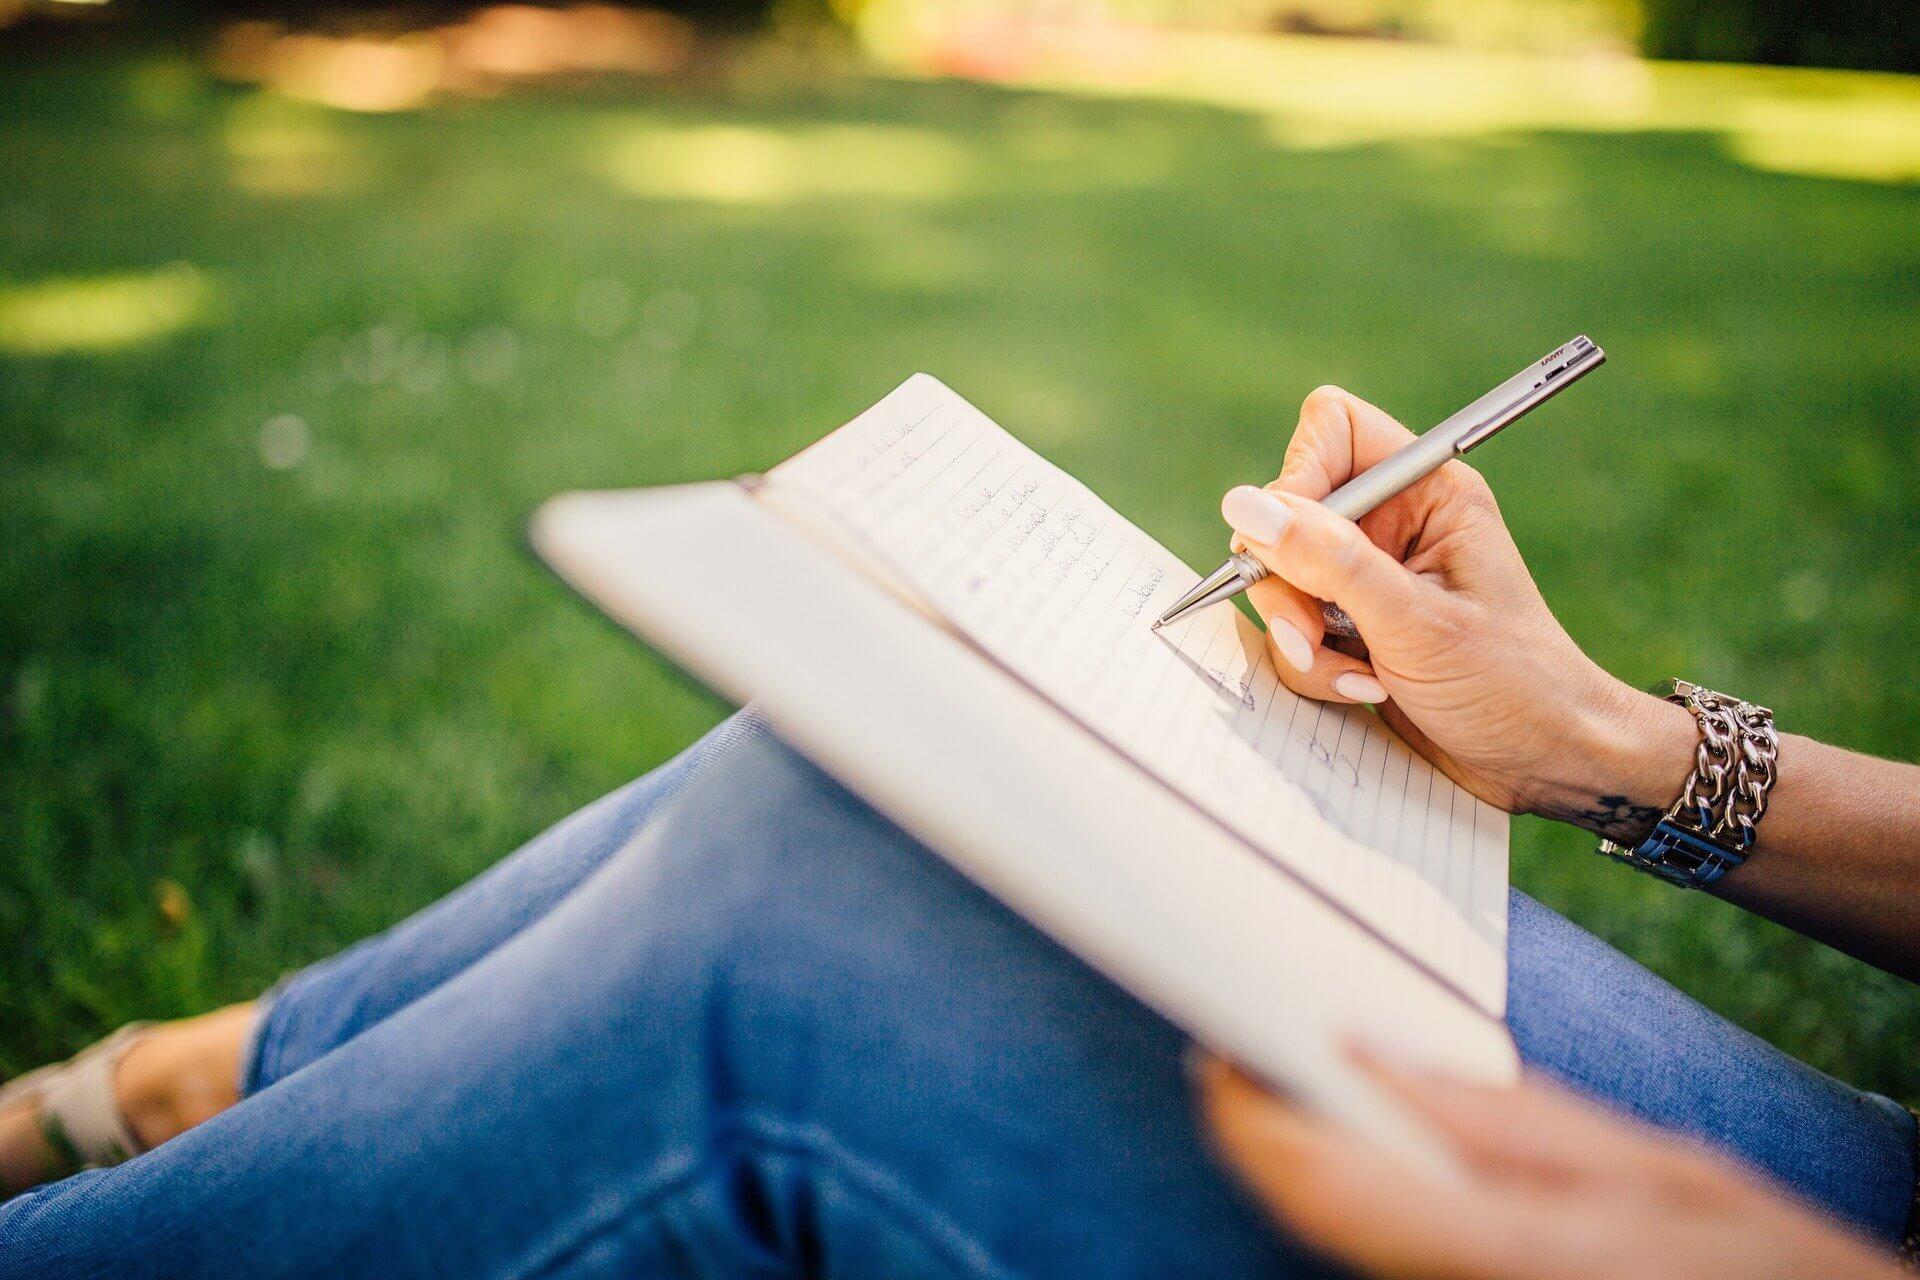 Qu'est-ce que ce programme: écrire et publier un livre en 10 jours de Tugan Baranovsky avis ?